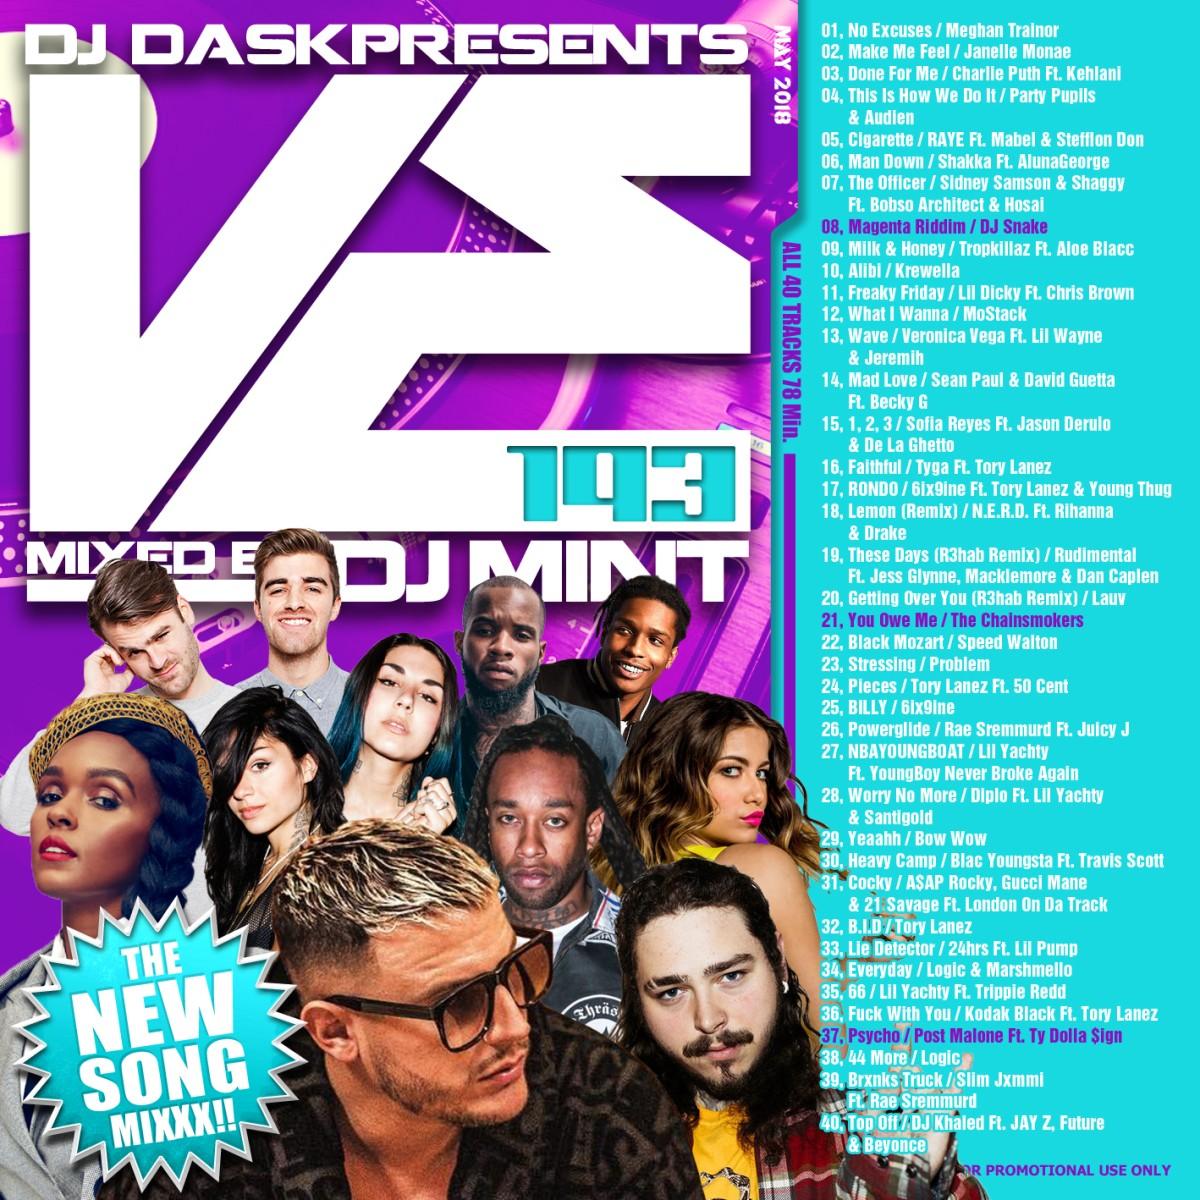 ヒップホップ・R&B・トップ40・DJスネイク・エイサップ・ロッキーDJ Dask Presents VE193 / DJ Mint